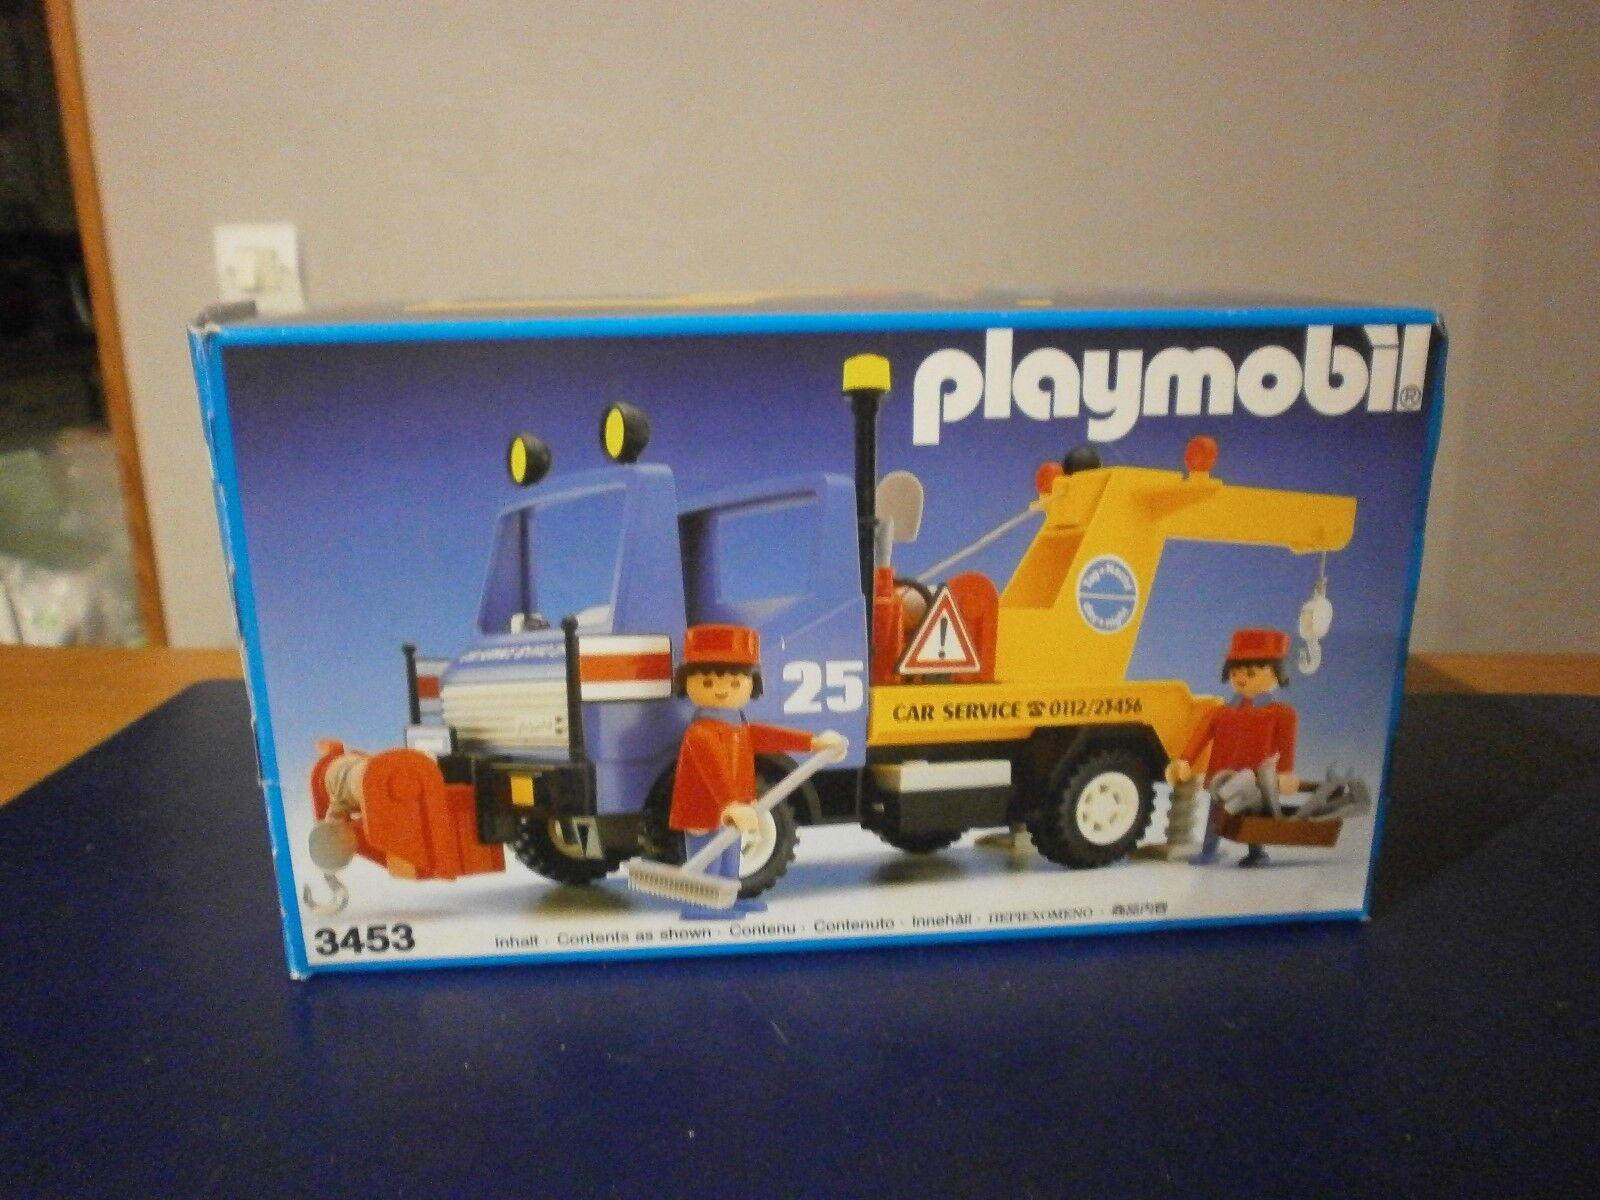 Rare cette boîte PLAYMOBIL la dépaneuse car service réf 3453 de 1986 (complet)